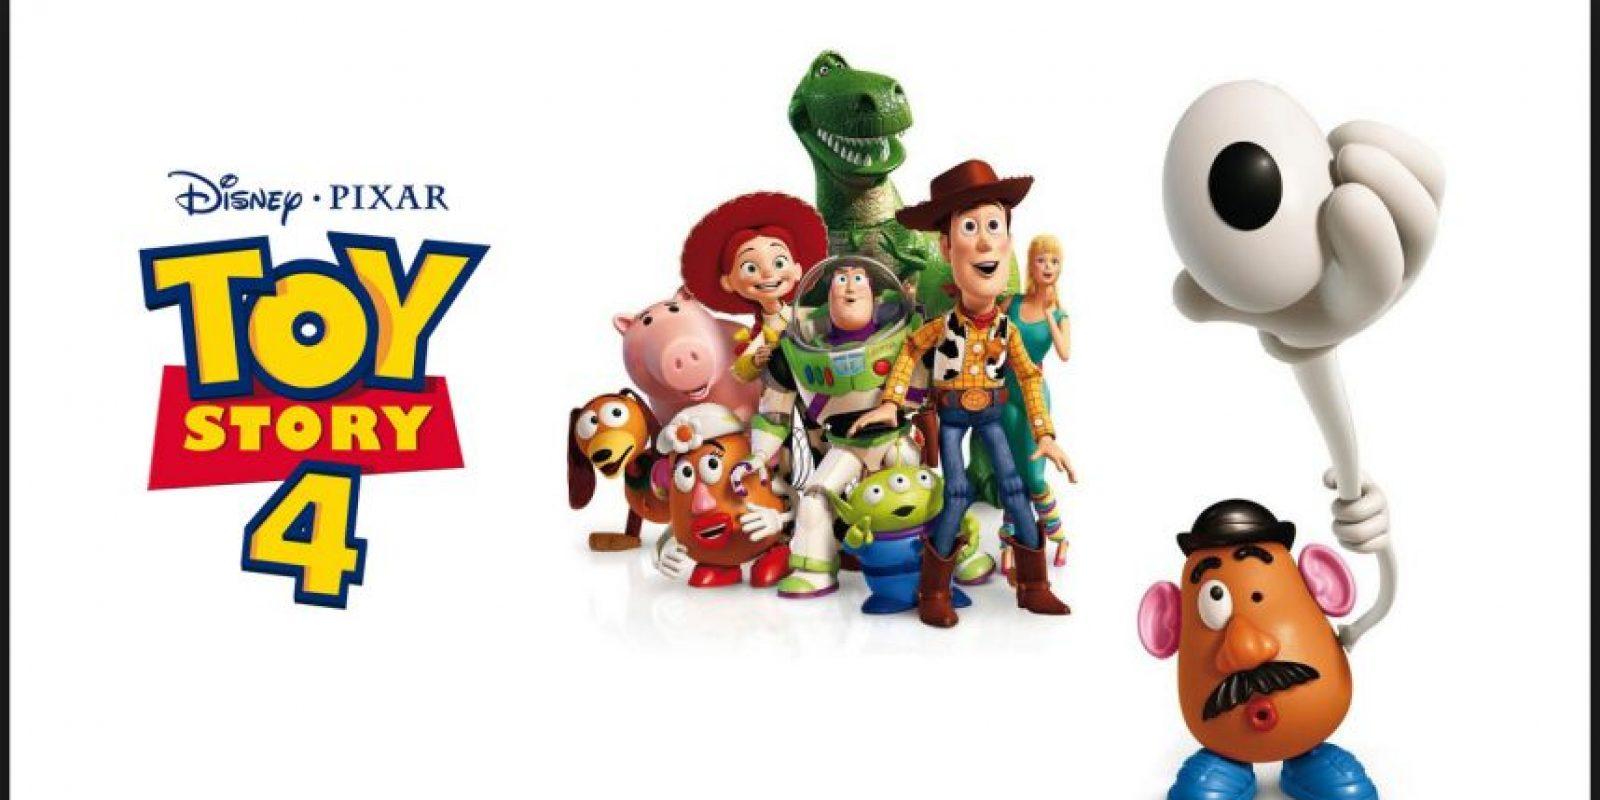 Pixar y Disney ya preparan la cuarta entrega de esta historia que se estrenará el 16 de junio de 2017 en Estados Unidos Foto:Disney/Pixar